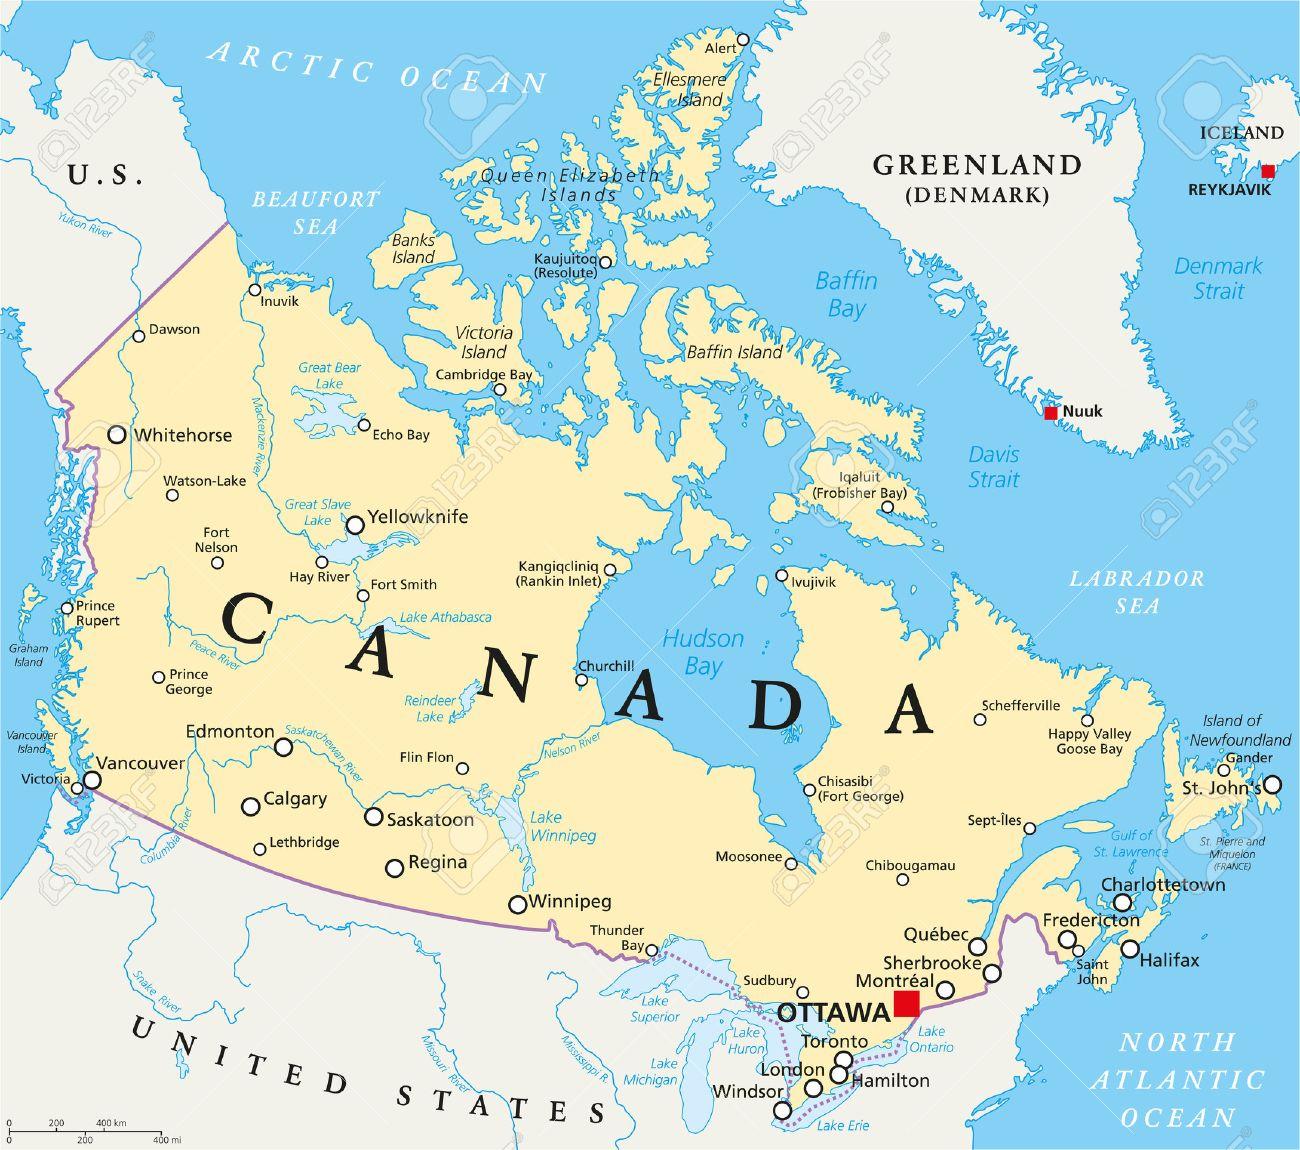 Cartina Canada Politica.Canada Politica Mappa Con I Confini Nazionali Capitale Ottawa Importanti Citta Fiumi E Laghi Etichettatura Inglese E Il Ridimensionamento